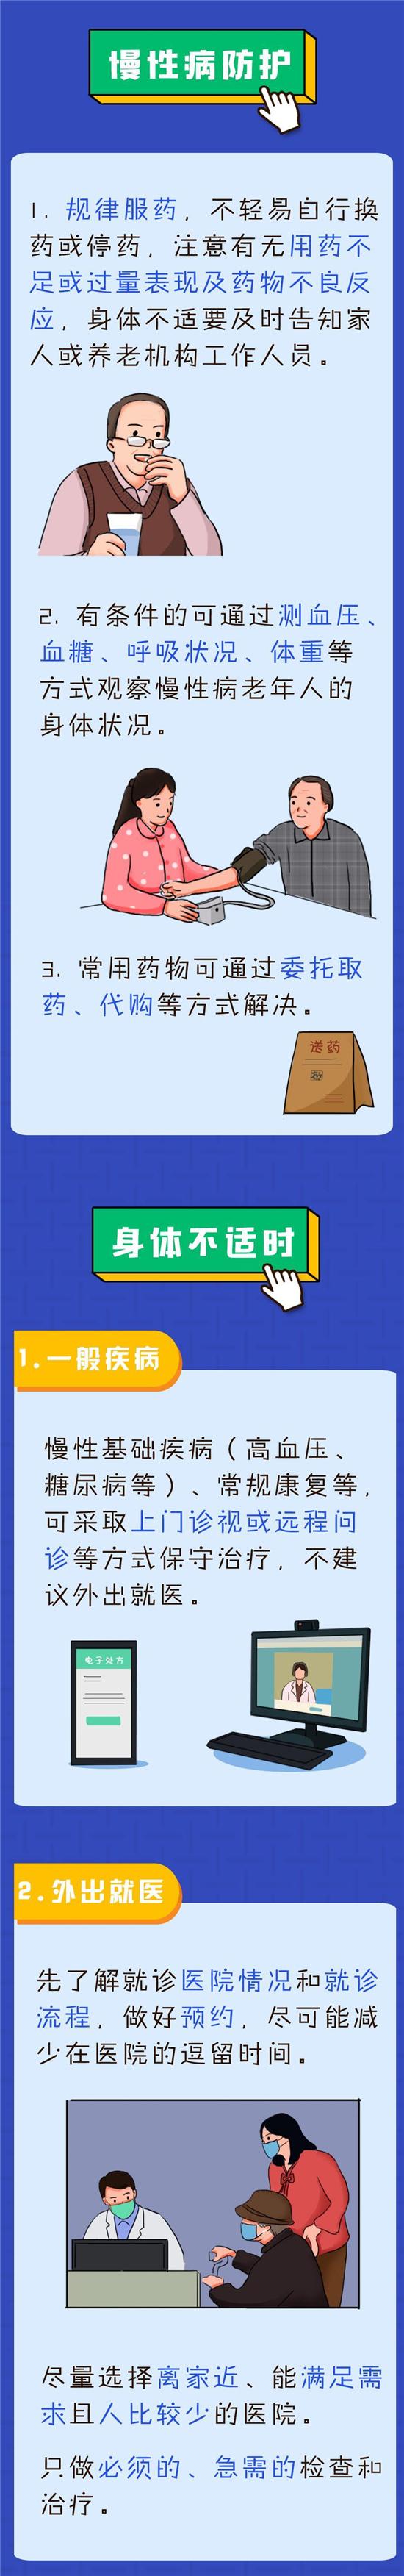 2013江西省土建造价员考试真题(含答案)(必备资料)